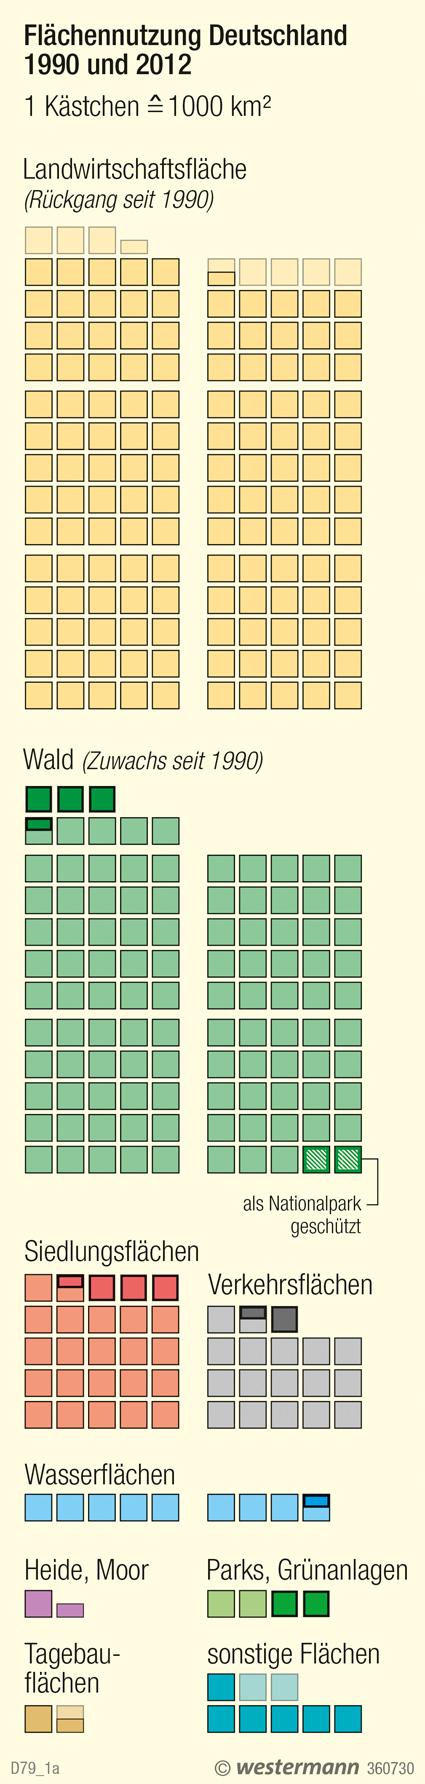 | Flächennutzung in Deutschland 1990 und 2012 | Deutschland - Bild und Karte | Karte 18/1